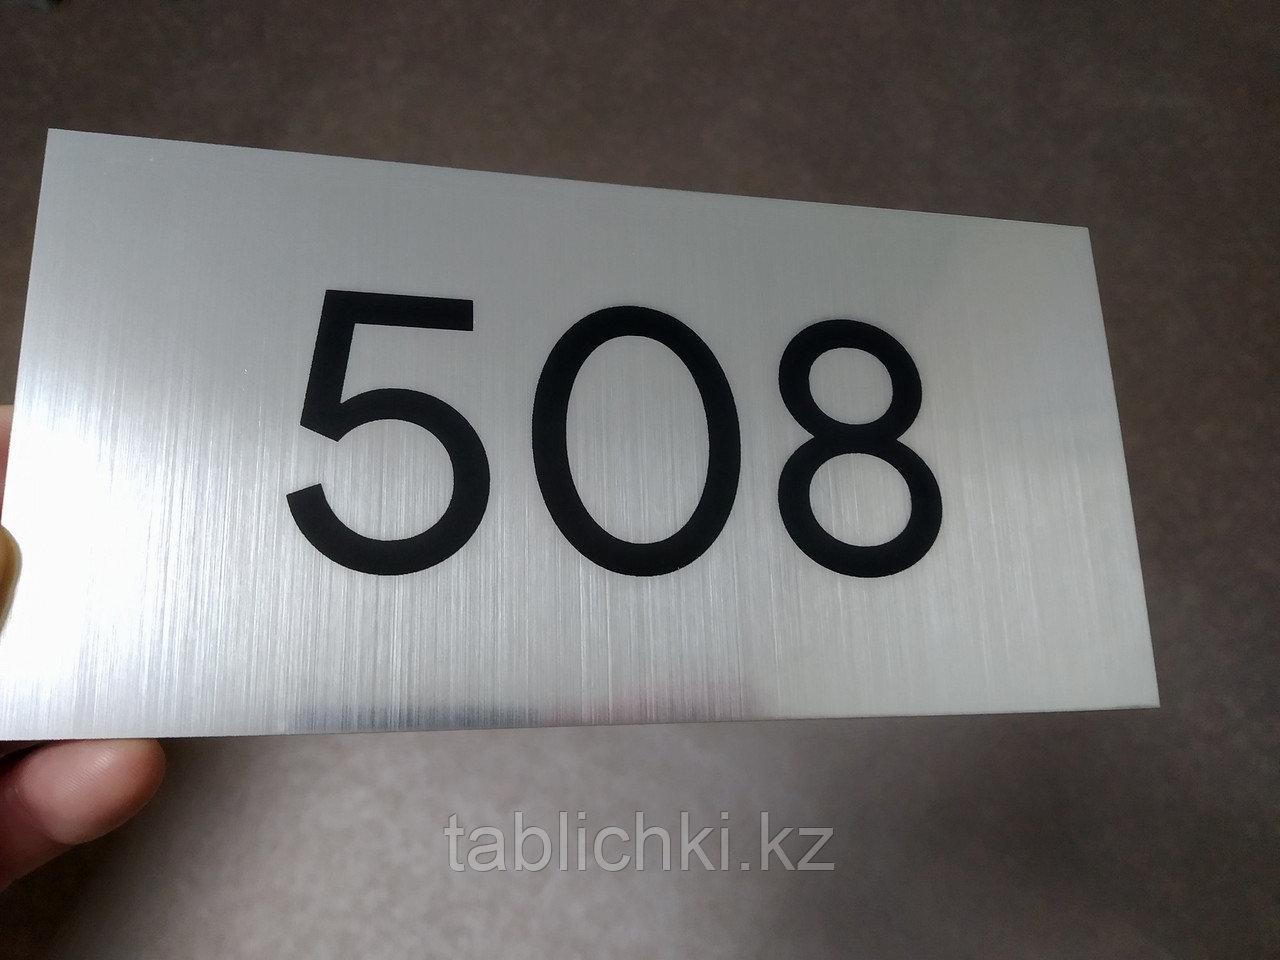 Кабинетные номерки для офисов